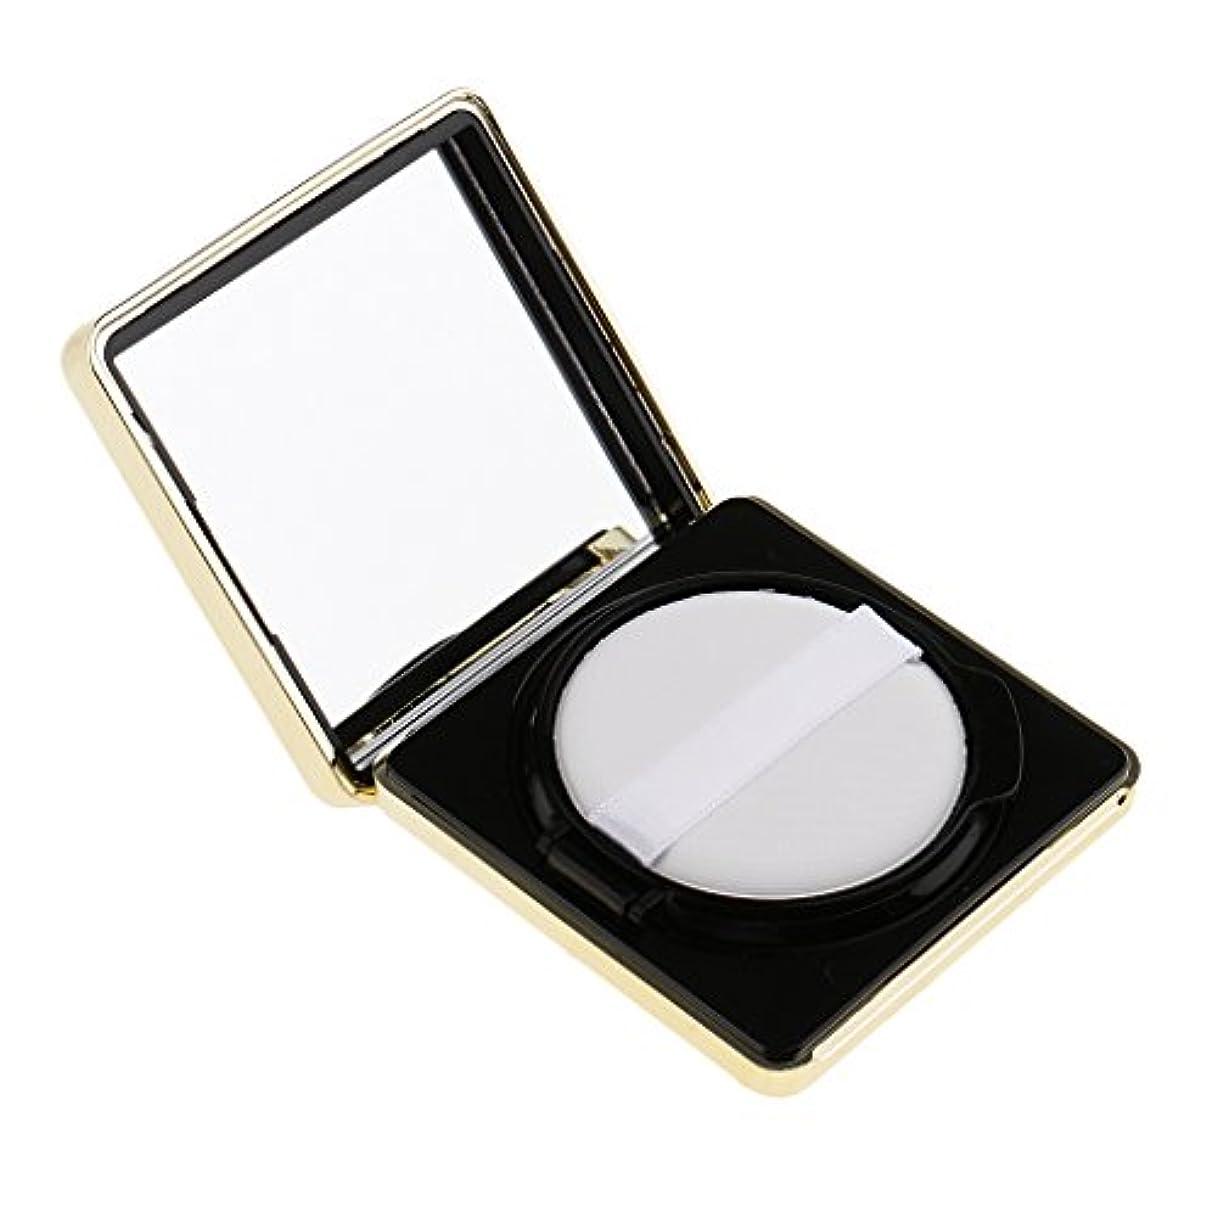 不適の中で行うBaosity エアクッションボックス パウダーパフ コスメ パフ 空パレット メイクアップ DIY 化粧品 詰替え 旅行 便利 3色選べる - ブラック